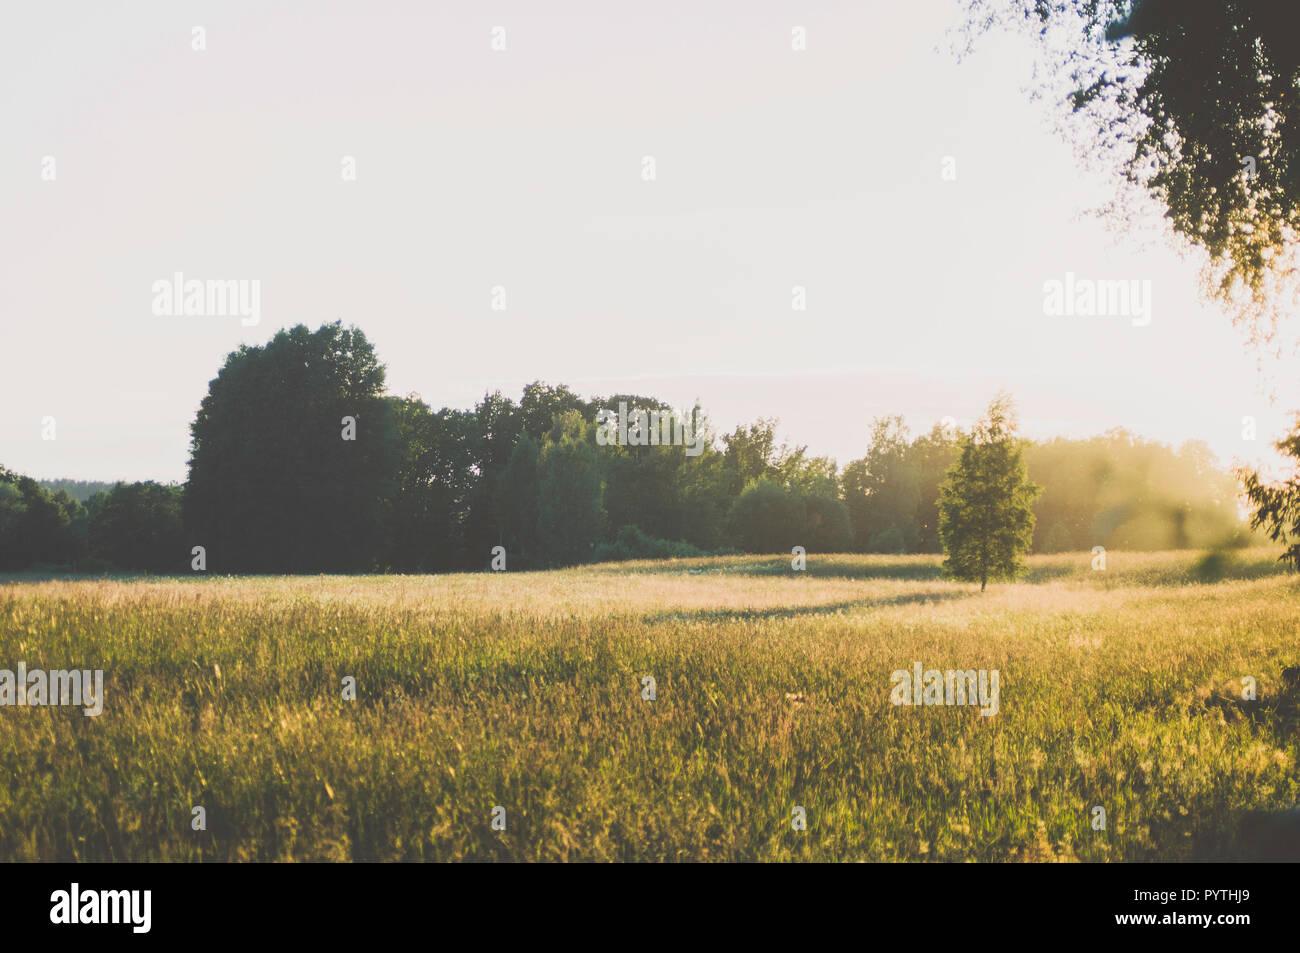 Birke im Gras Feld. Langer abend Schatten. Stockbild